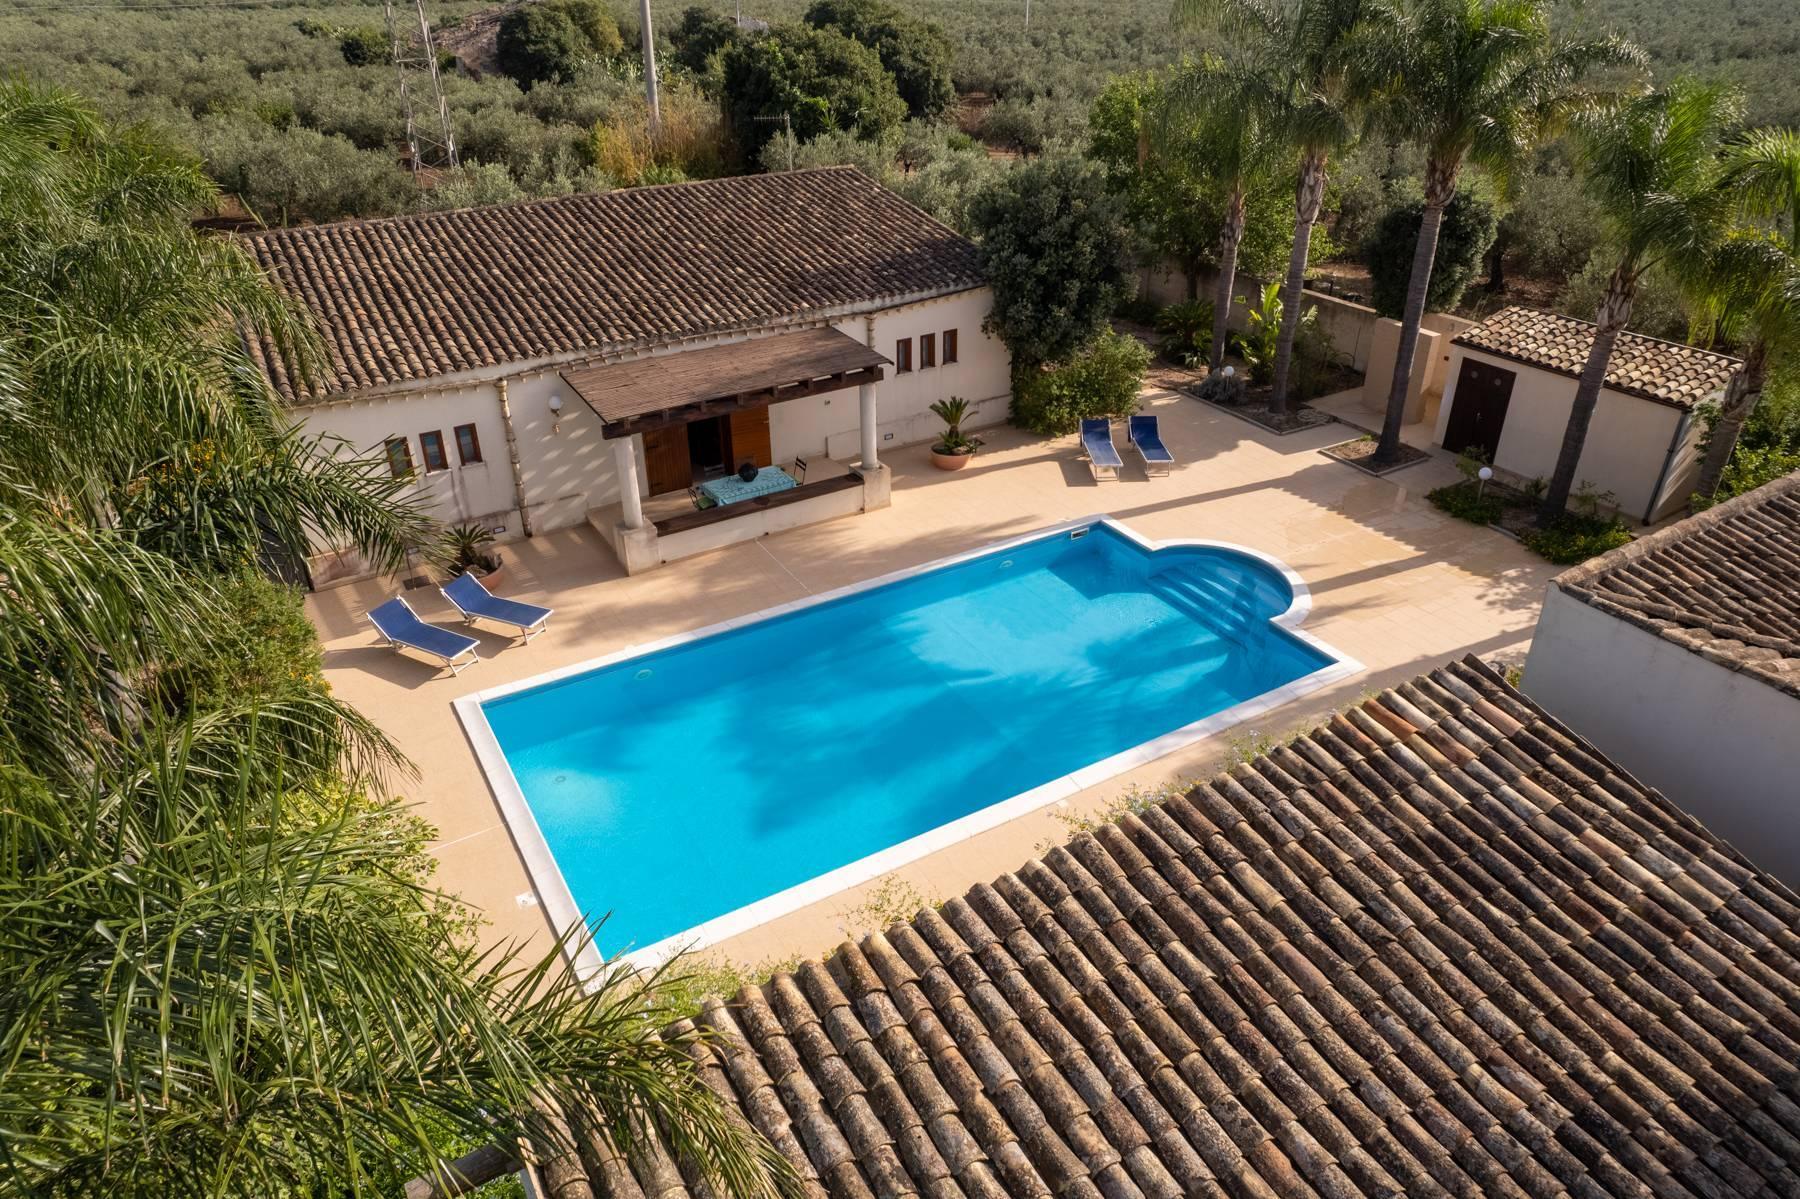 Villa con piscina vicino il parco archeologico di Selinunte - 8